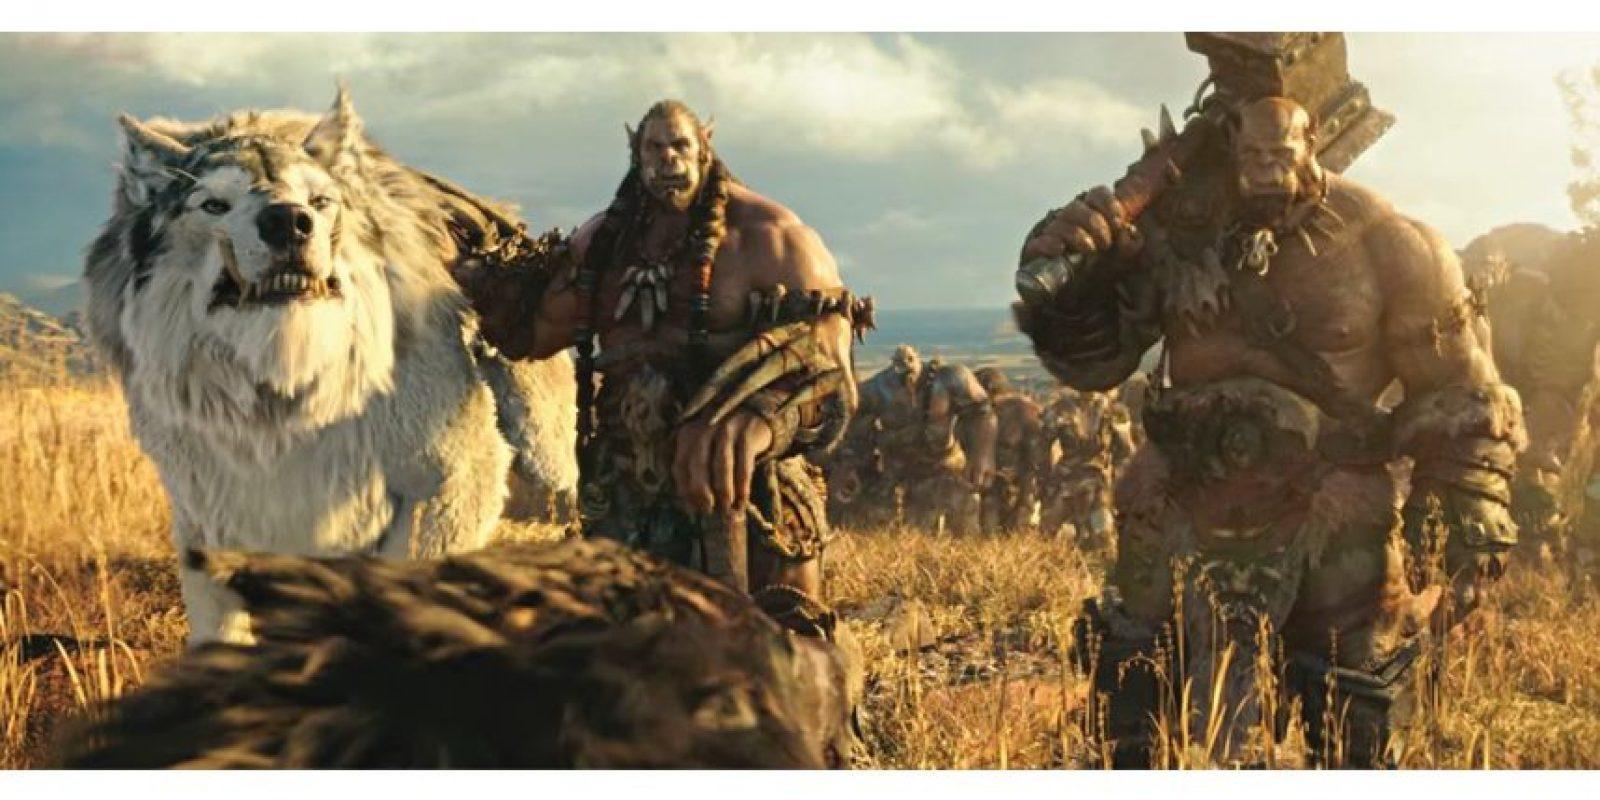 Warcraft: Si pensabas que el juego de estrategia en línea era sólo para nerds, estás equivocado: se fija para ser uno de los grandes lanzamientos del año. La película ve una guerra de los mundos, con un enfrentamiento entre los seres humanos y los orcos, los que luchan por su supervivencia. Fecha de lanzamiento: 10 de junio (EE.UU.)